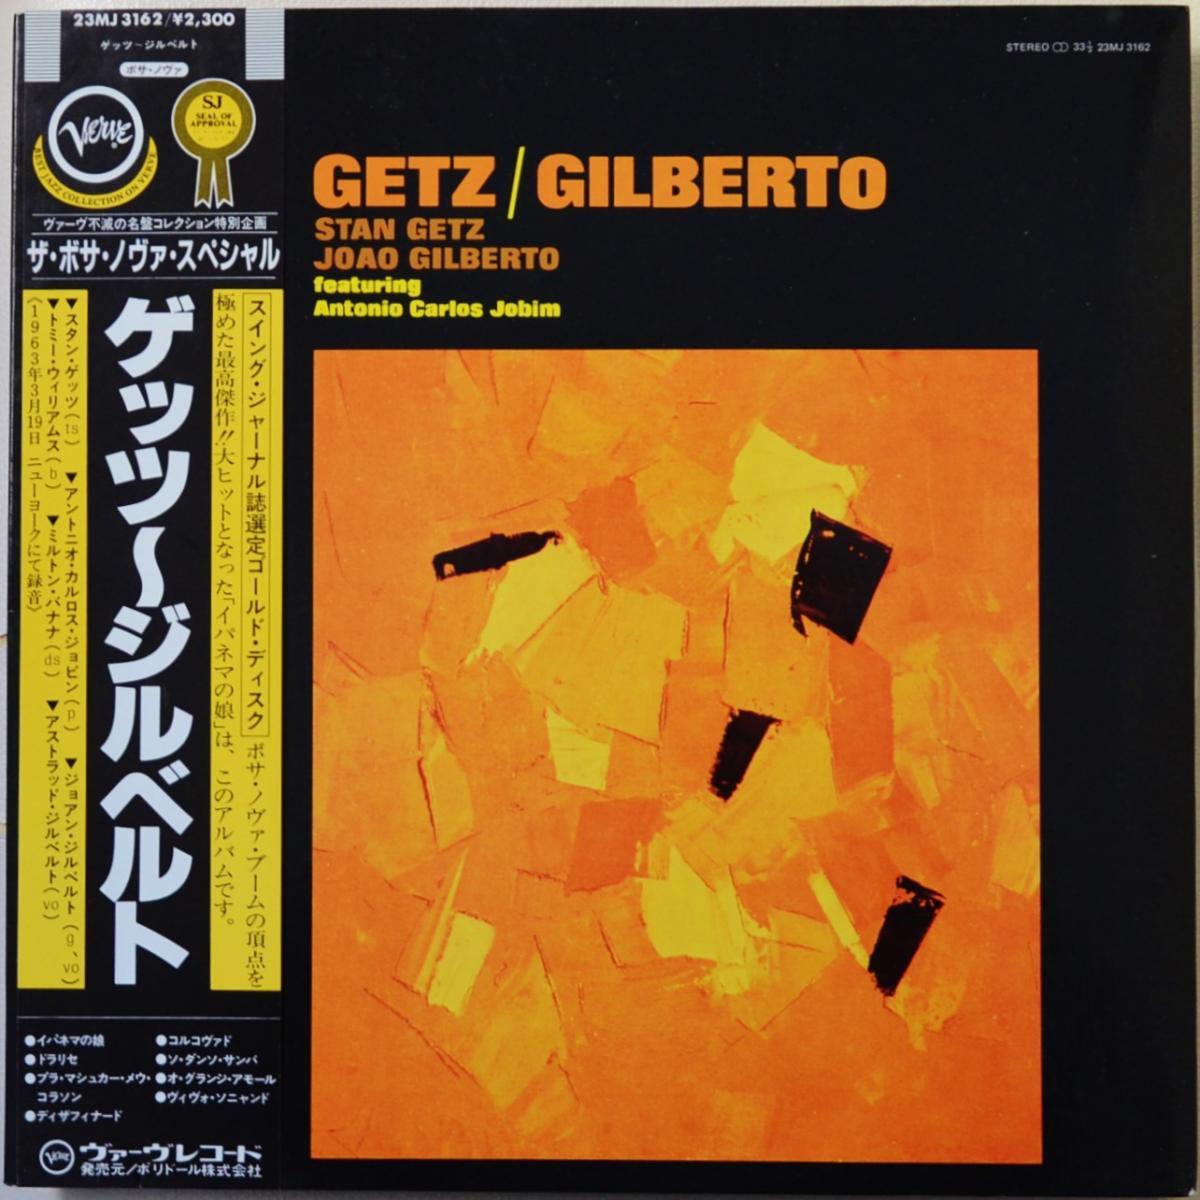 スタン・ゲッツ / ジョアン・ジルベルト STAN GETZ / JOAO GILBERTO / ゲッツ〜ジルベルト GETZ / GILBERTO (LP)